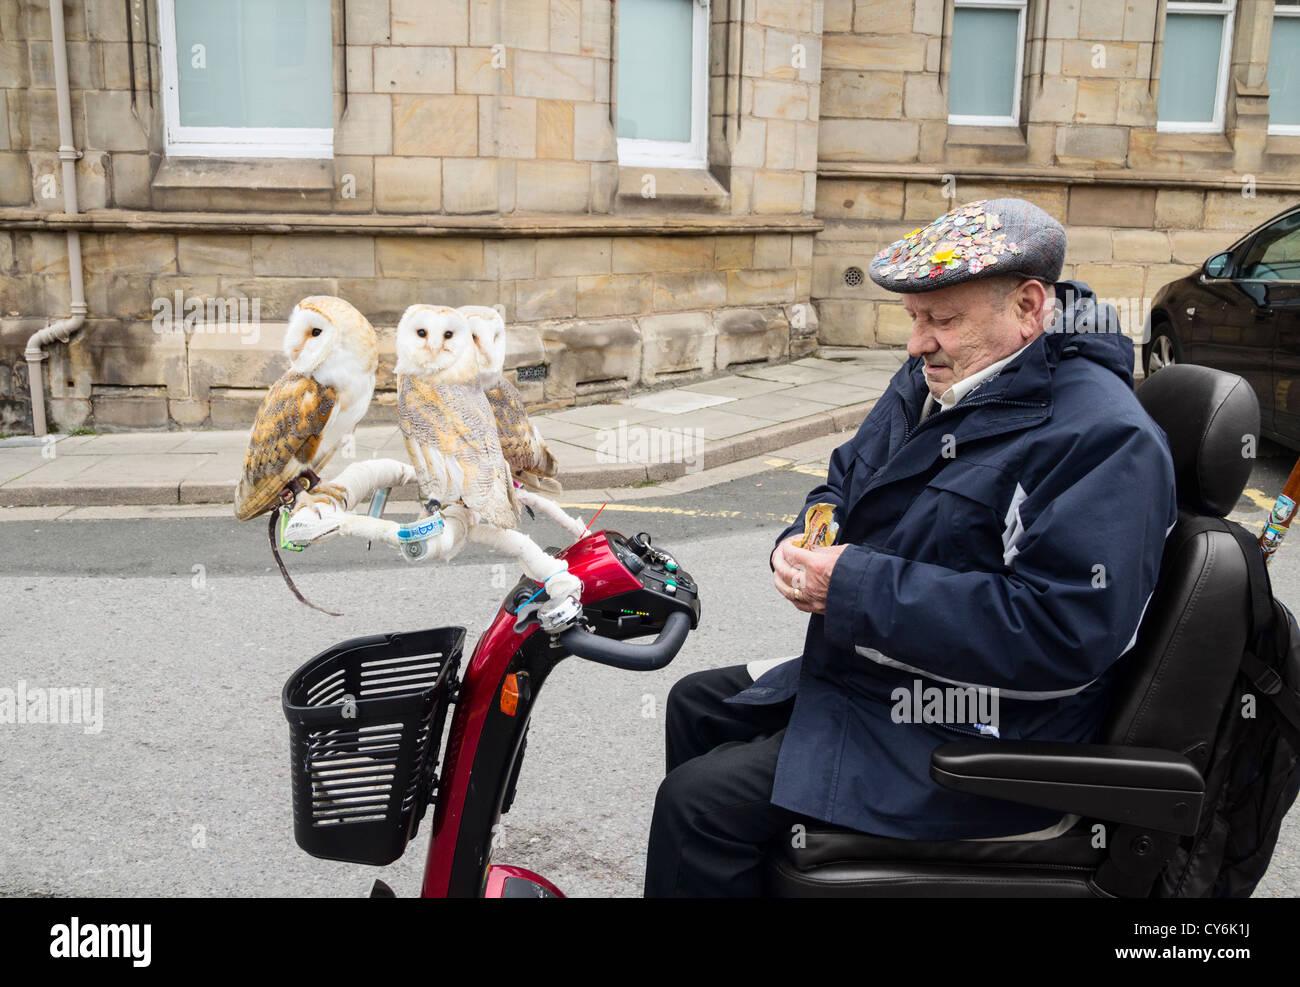 Rentner mit seinem Haustier Schleiereulen für einen Spin auf seiner Mobility Scooter. Großbritannien Stockbild